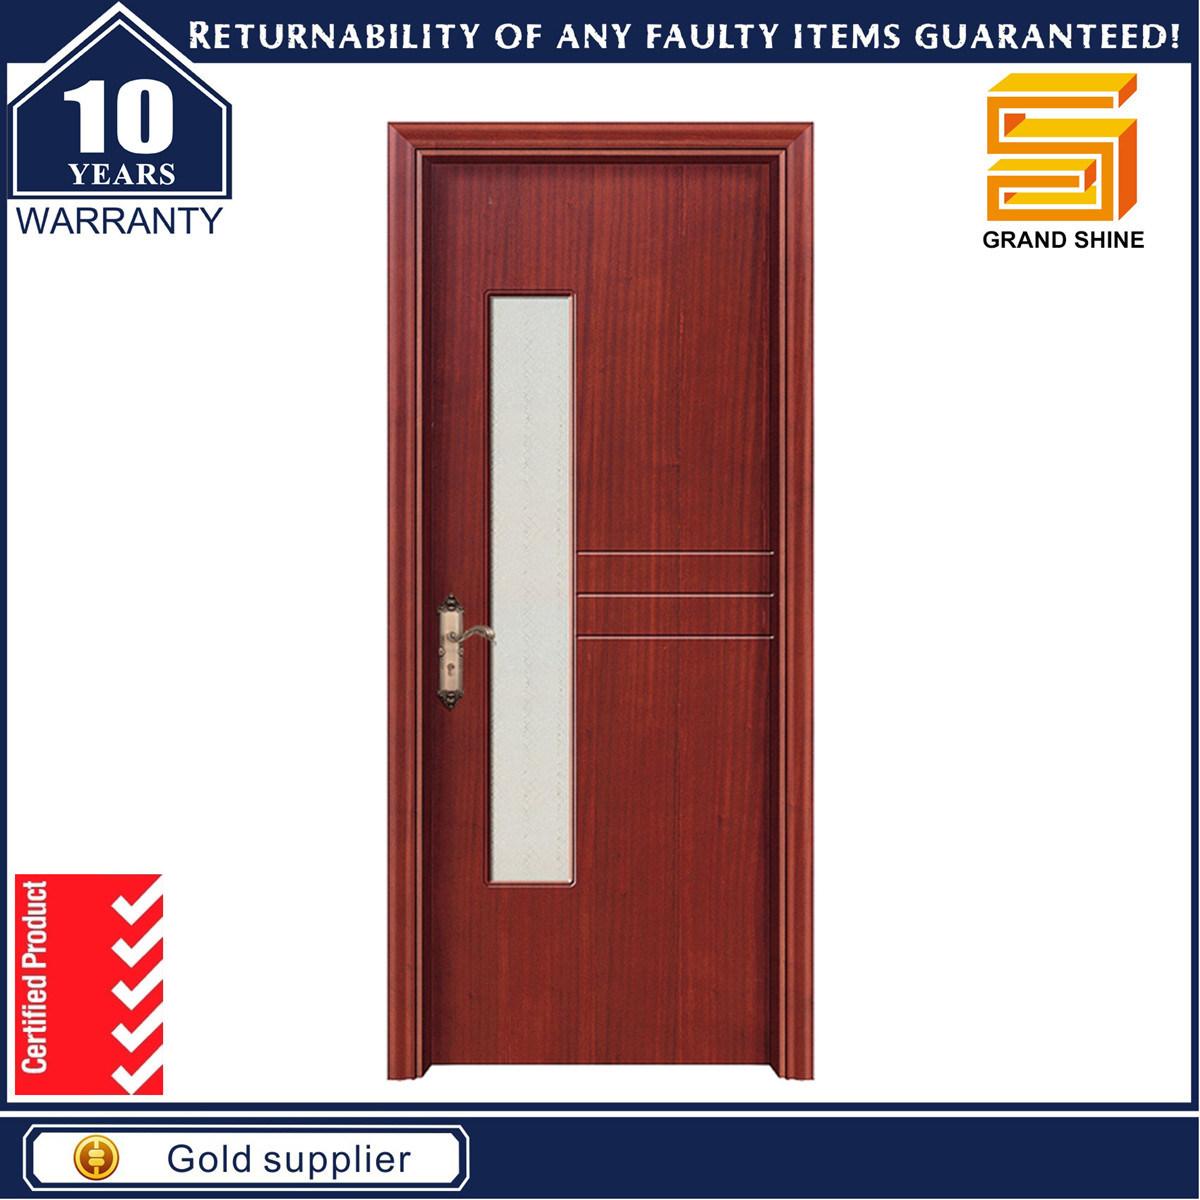 Solid Wooden Interior Composite Wood Door with Glass